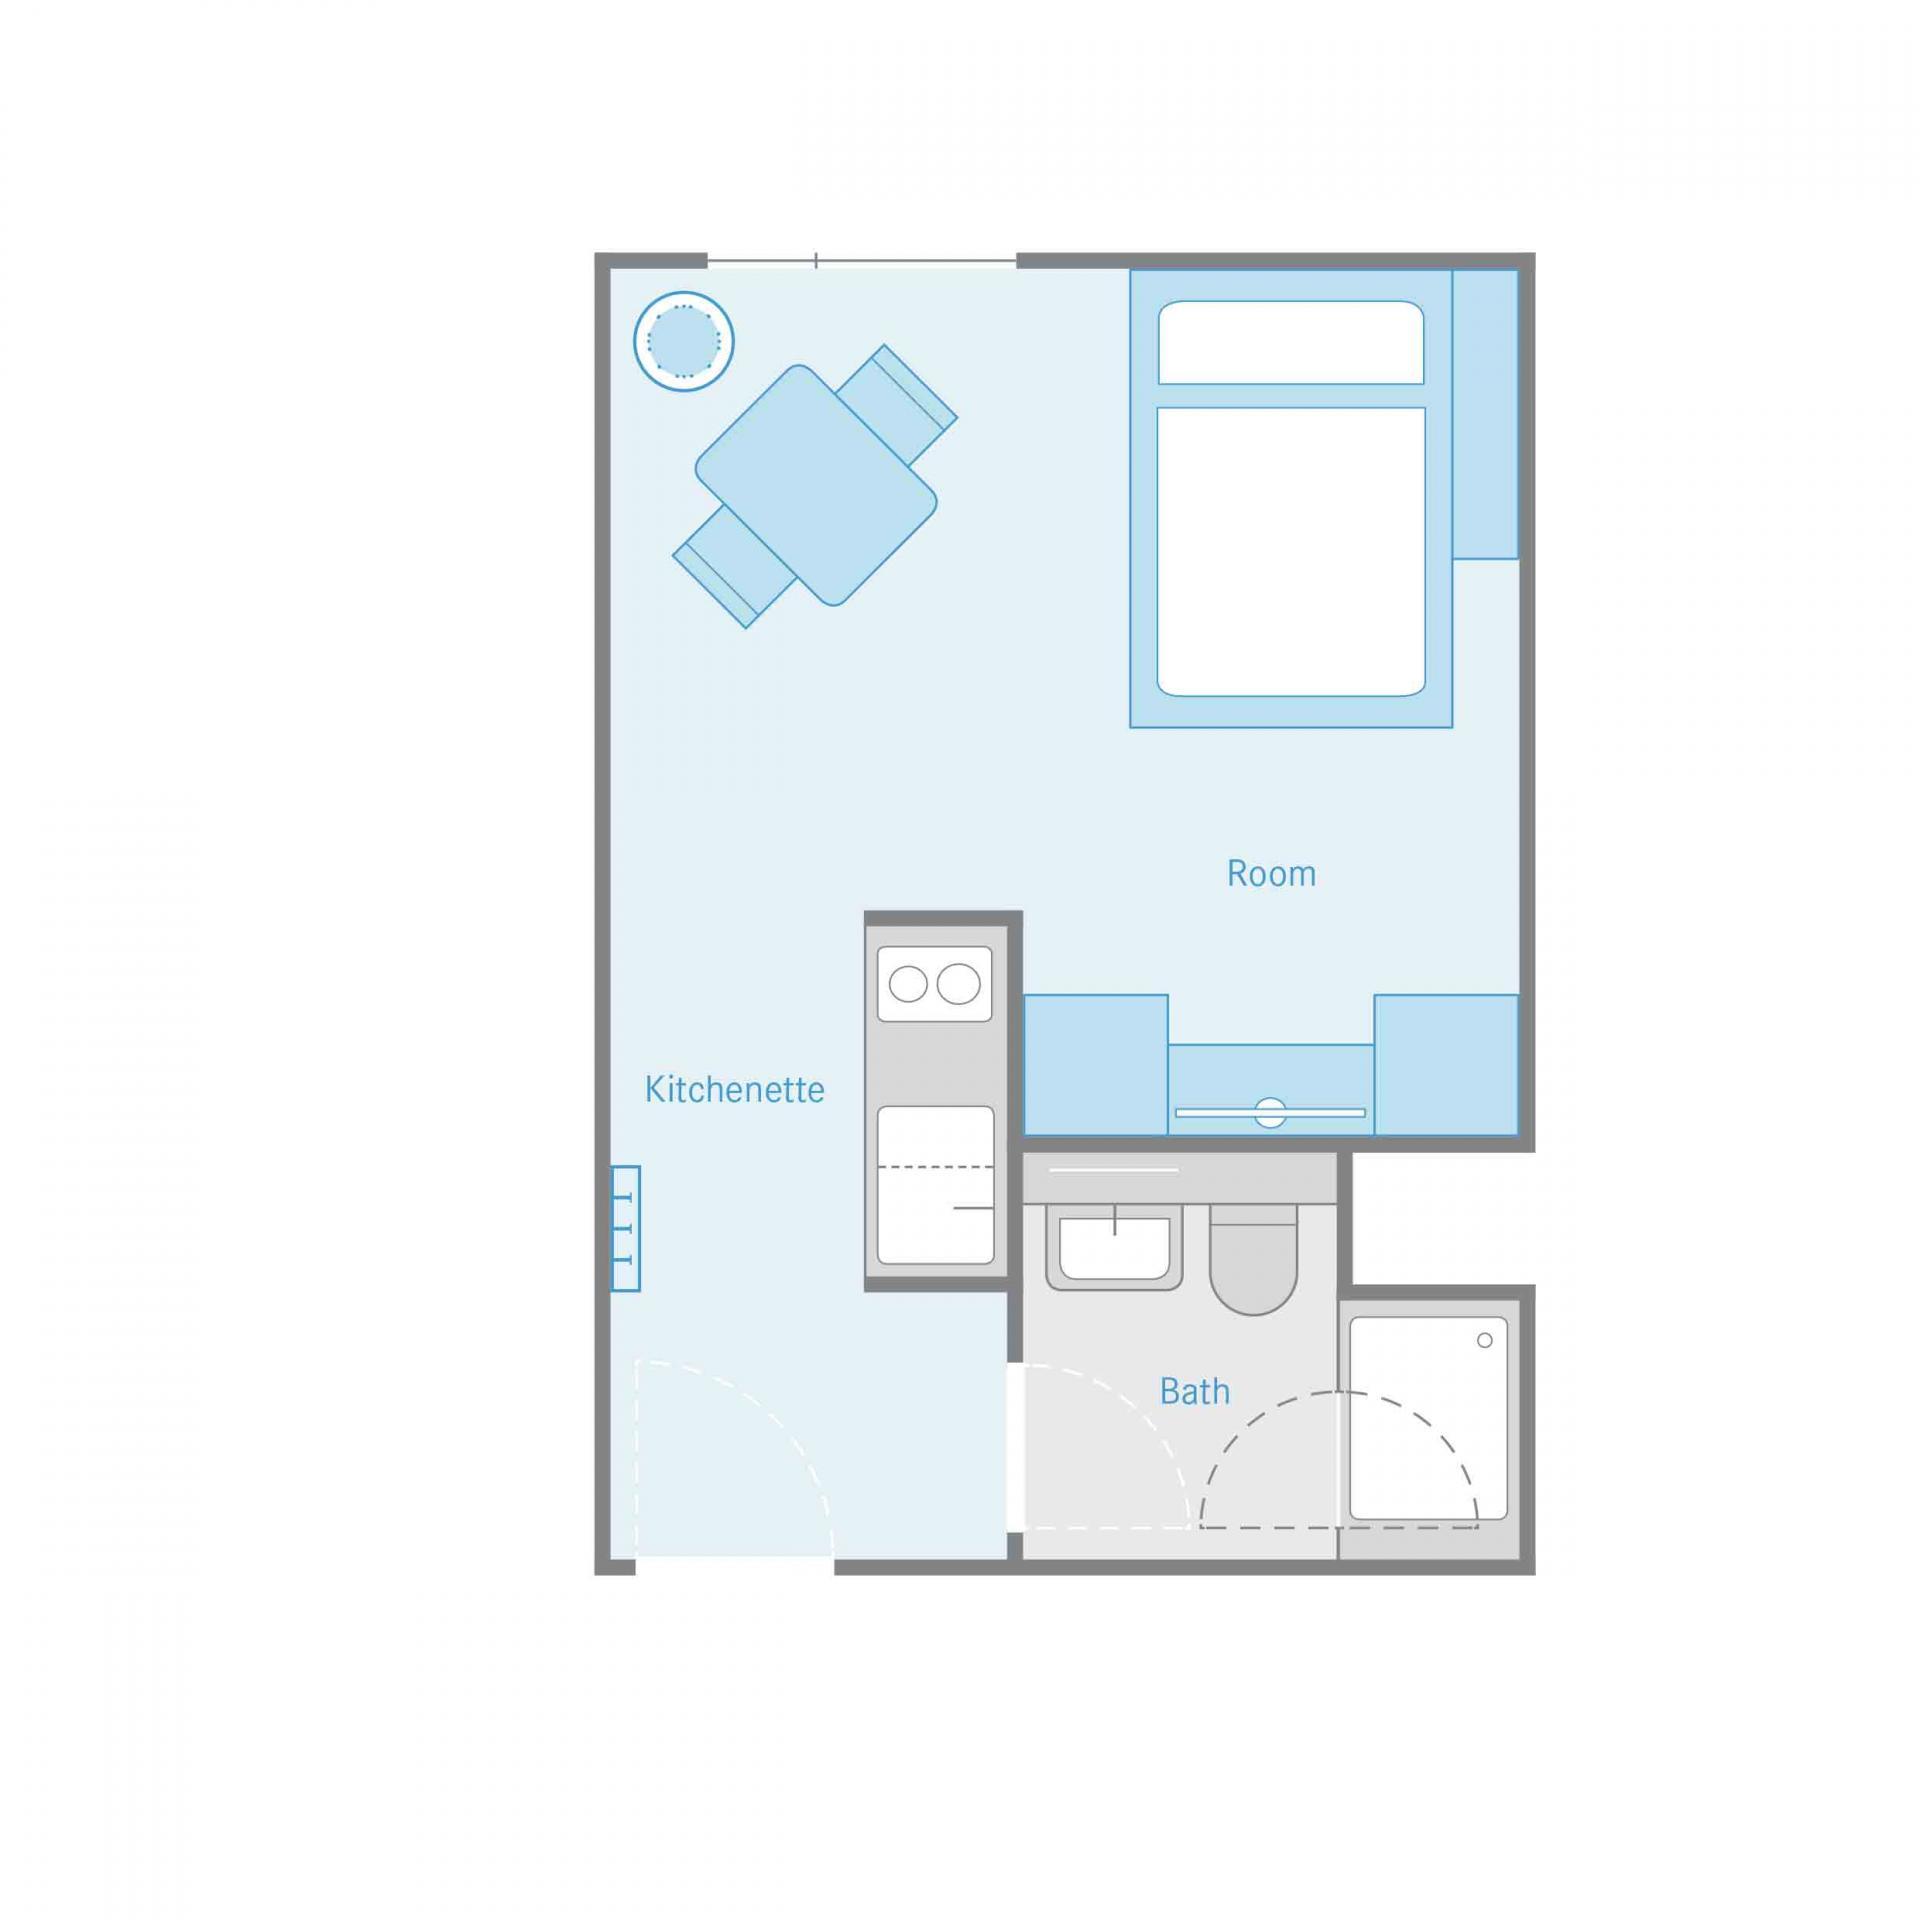 Floor plan of the Smartments Berlin Prenzlauer Berg